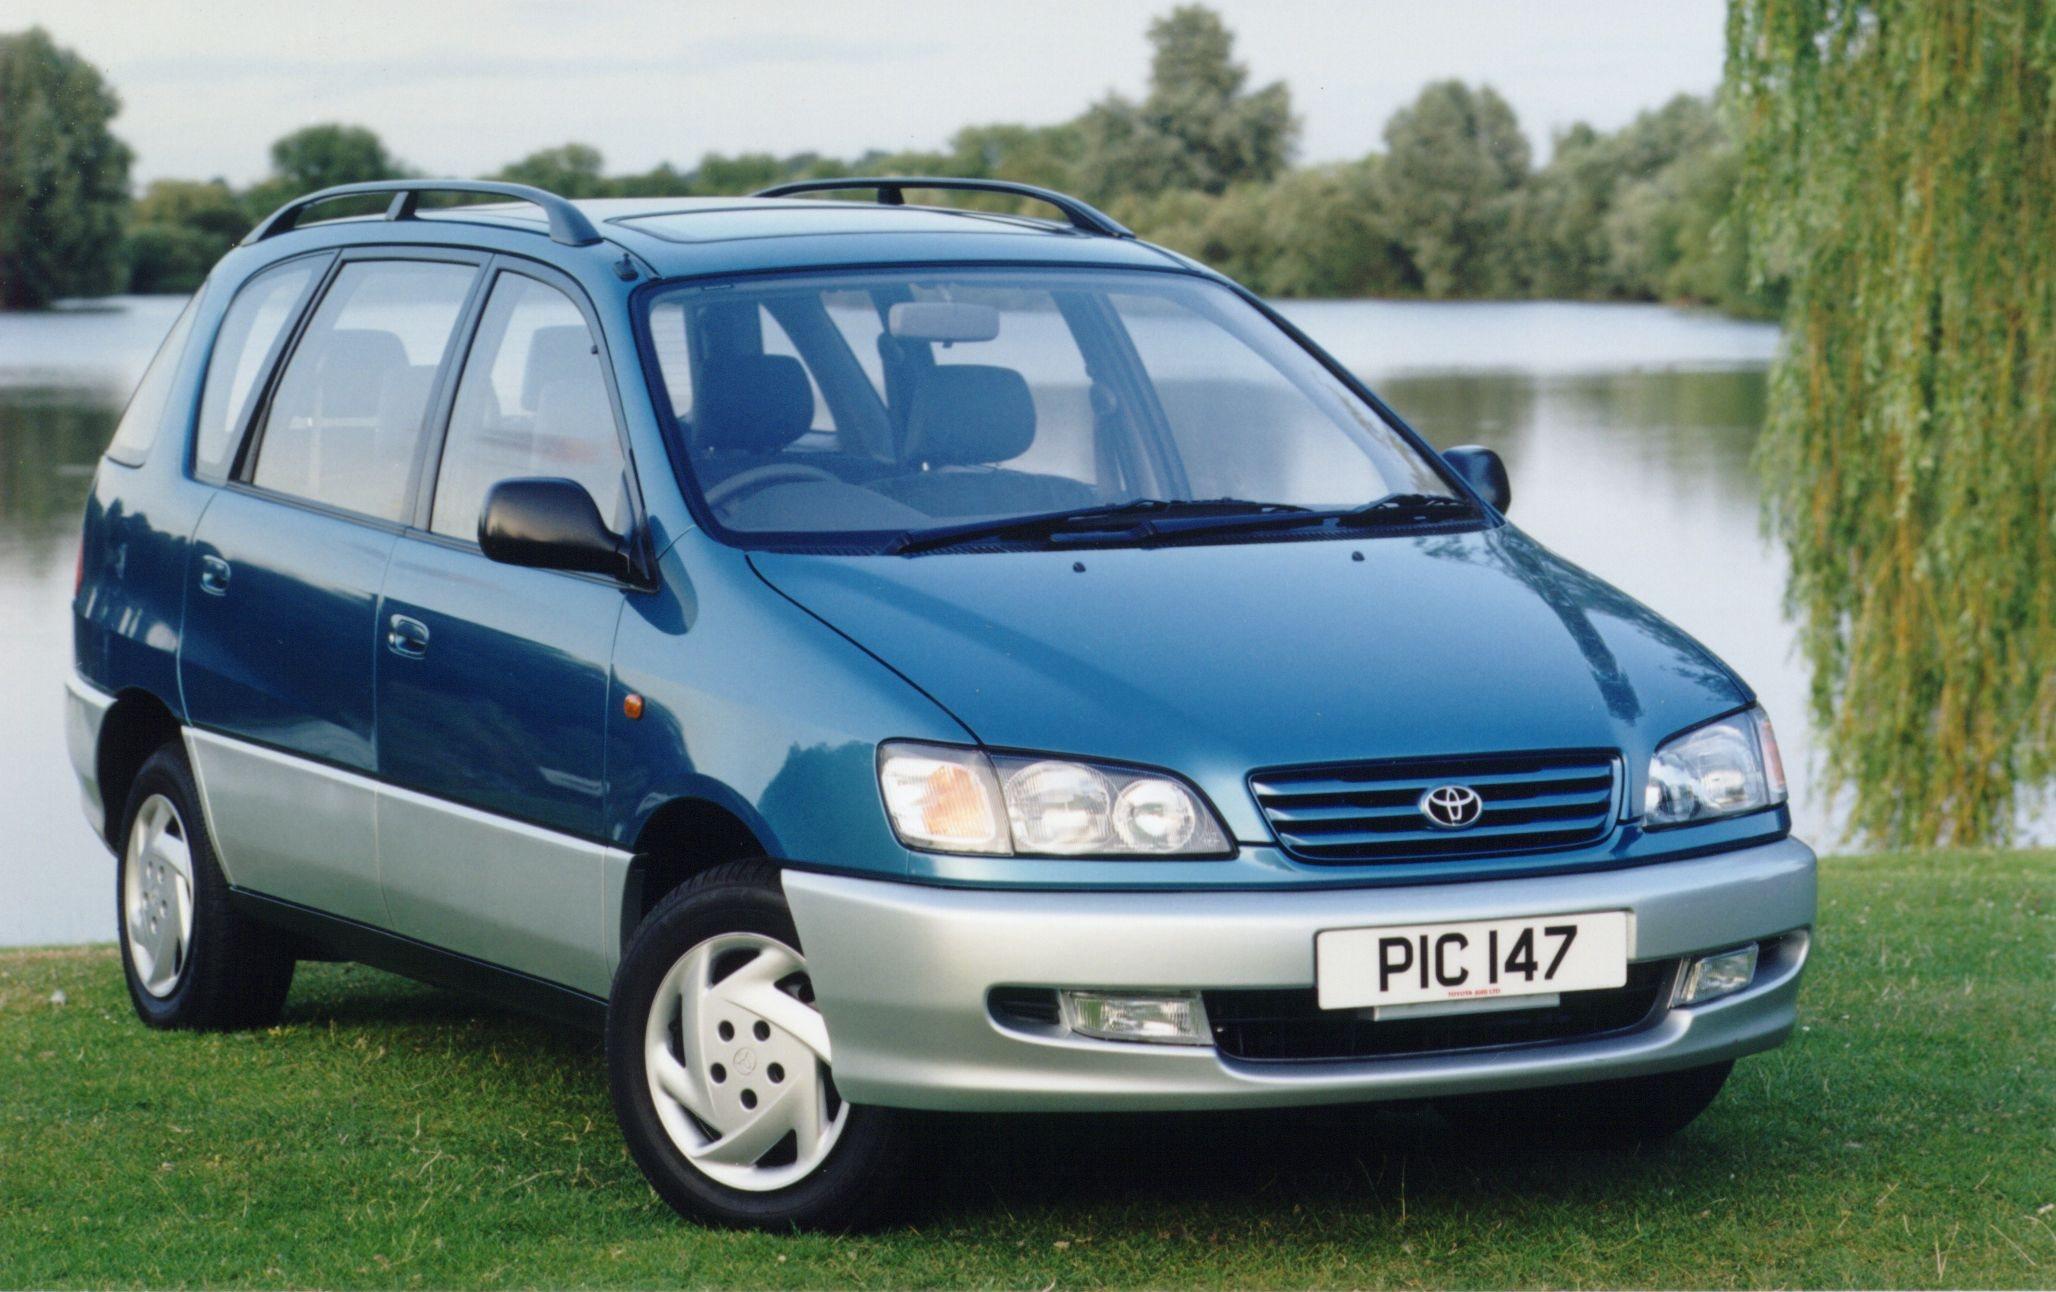 Toyota Picnic I 1996 - 2001 Compact MPV #1